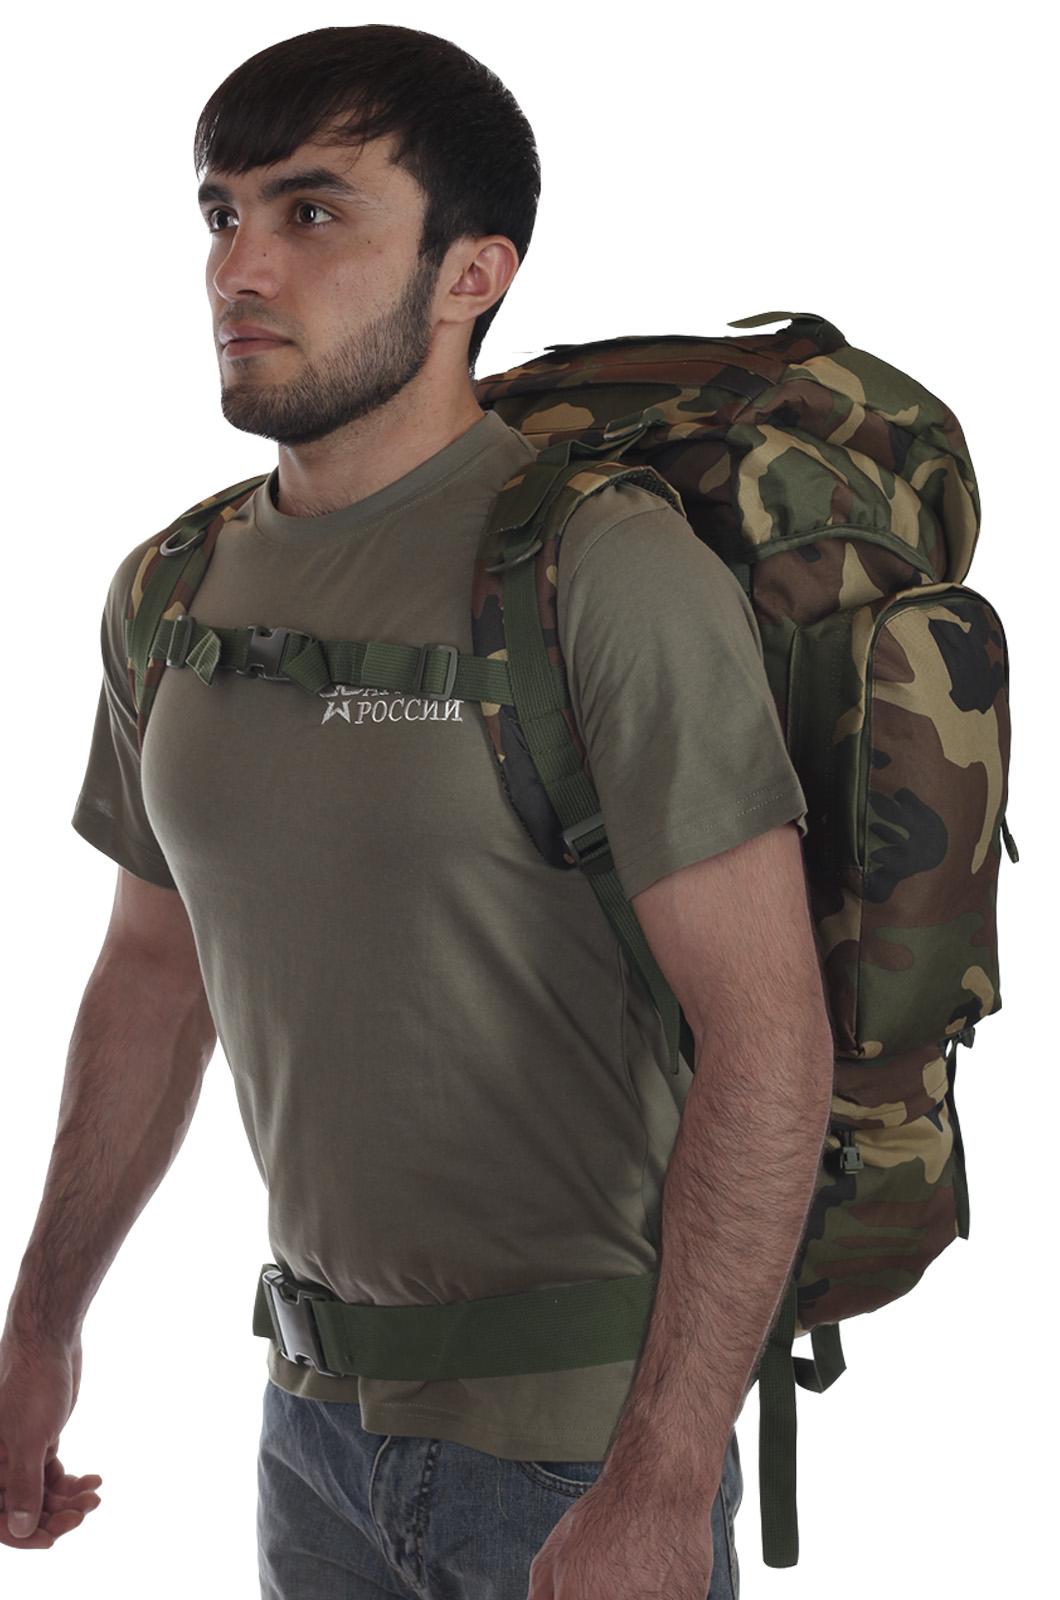 Надежный охотничий рюкзак CCE Русская Охота - купить выгодно